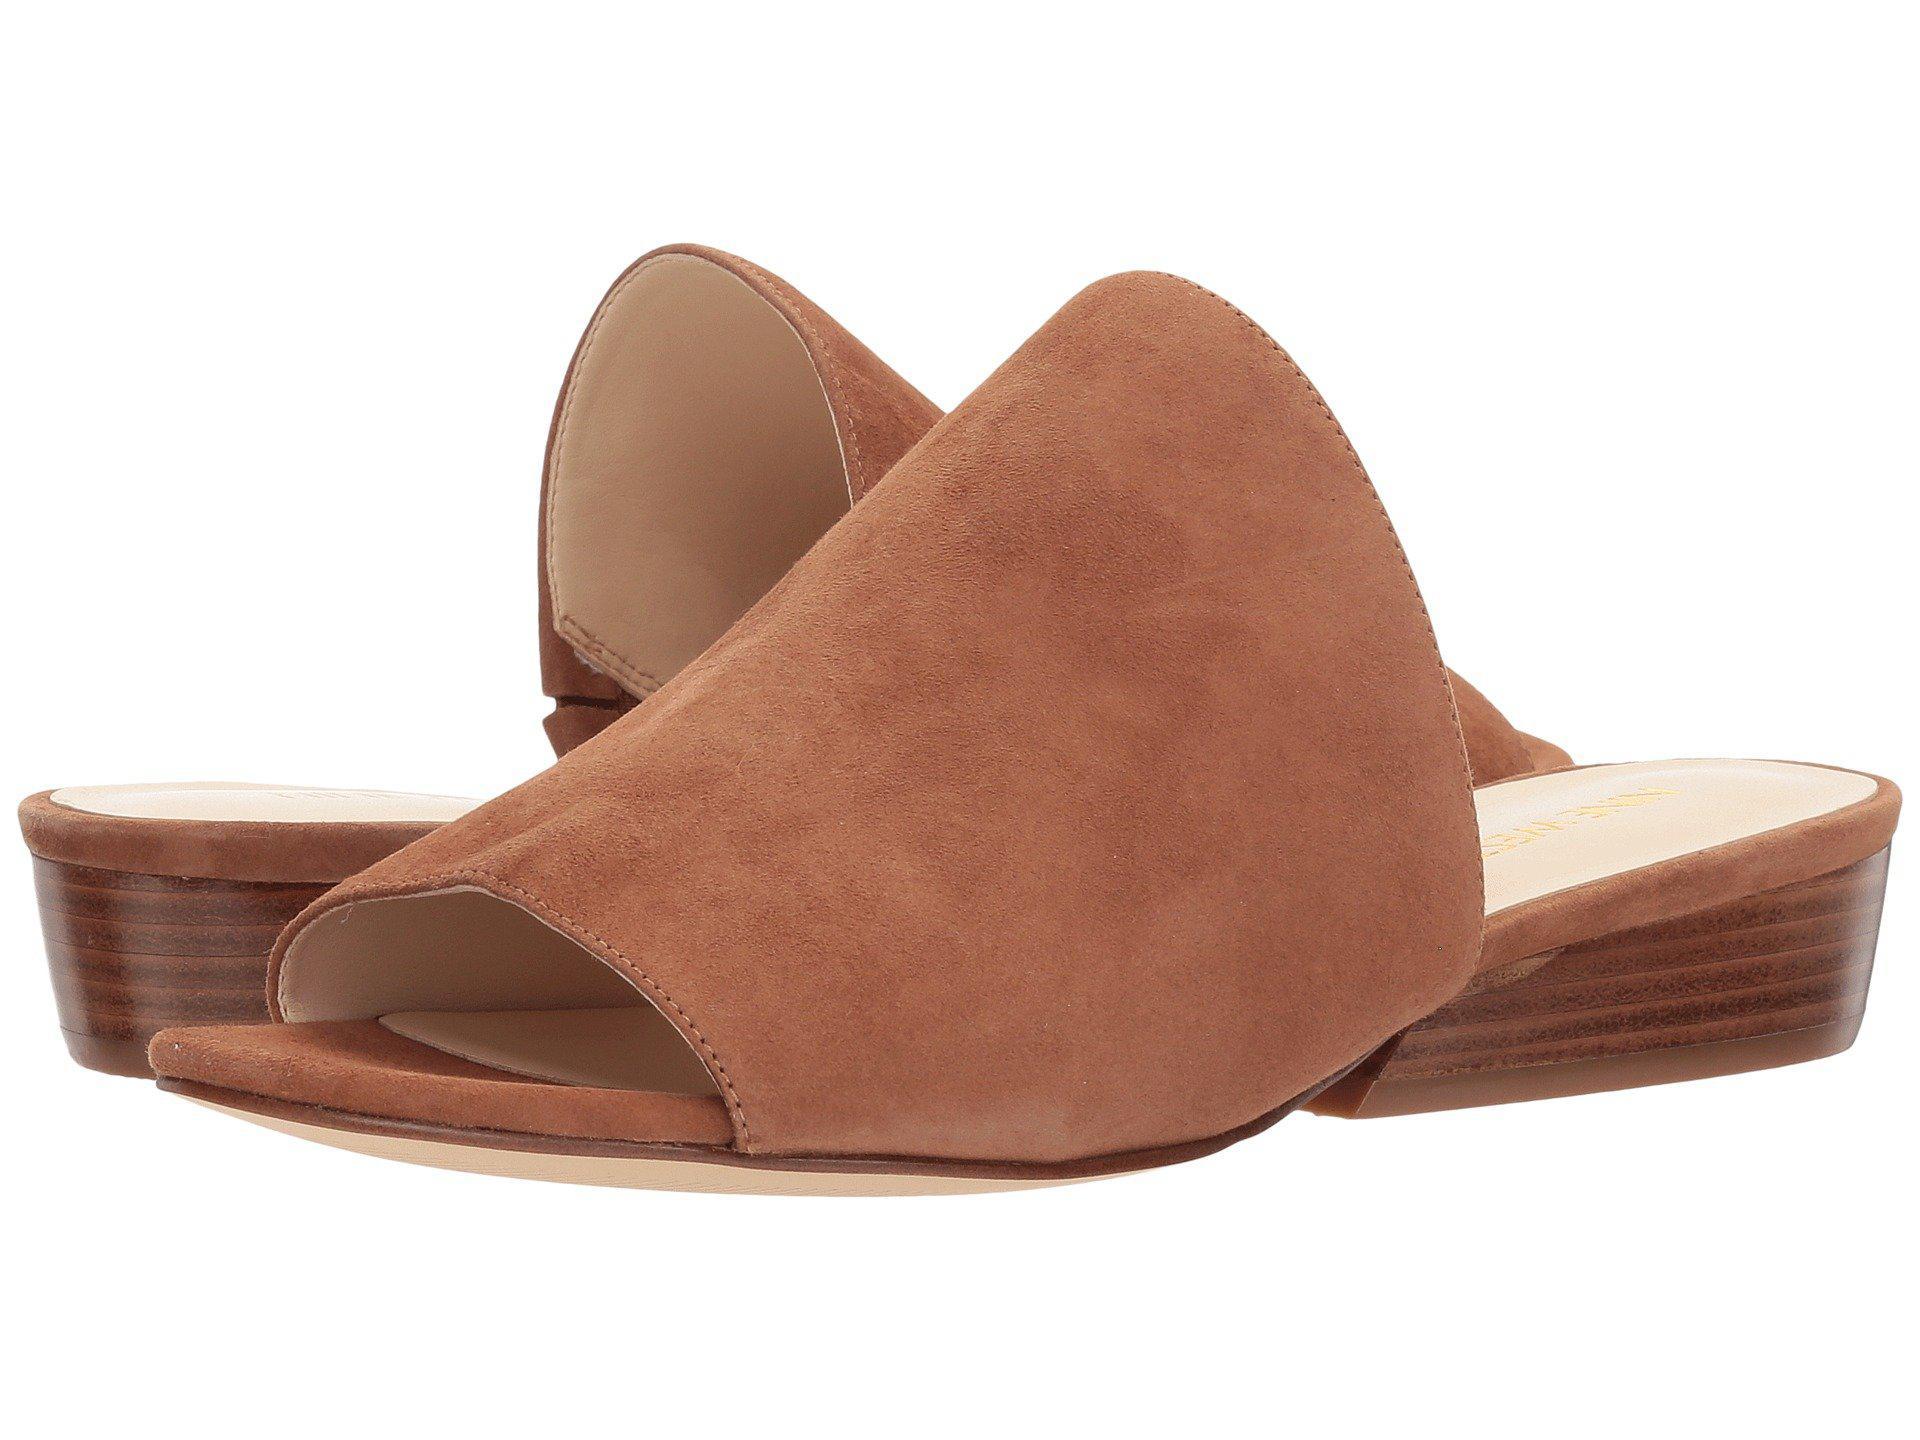 69b384ee122 Lyst - Nine West Lynneah Slide Sandal in Brown - Save 46%